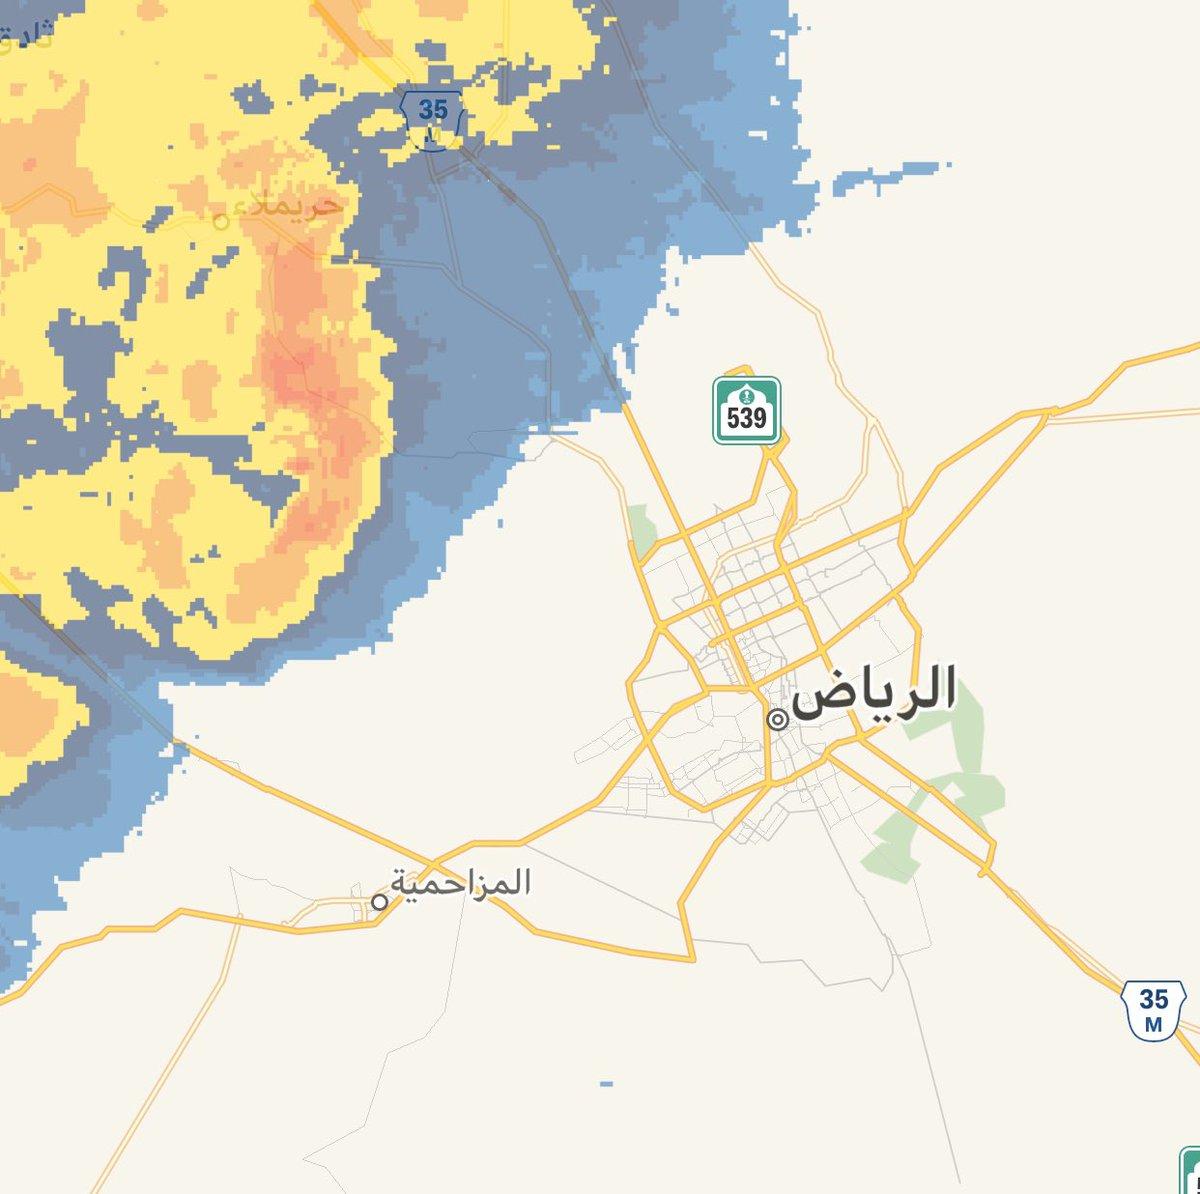 السحب الممطرة بإذن الله تقترب من مدينة #الرياض. الساعة 1:10 ص https://t.co/EhqwXwyF2E